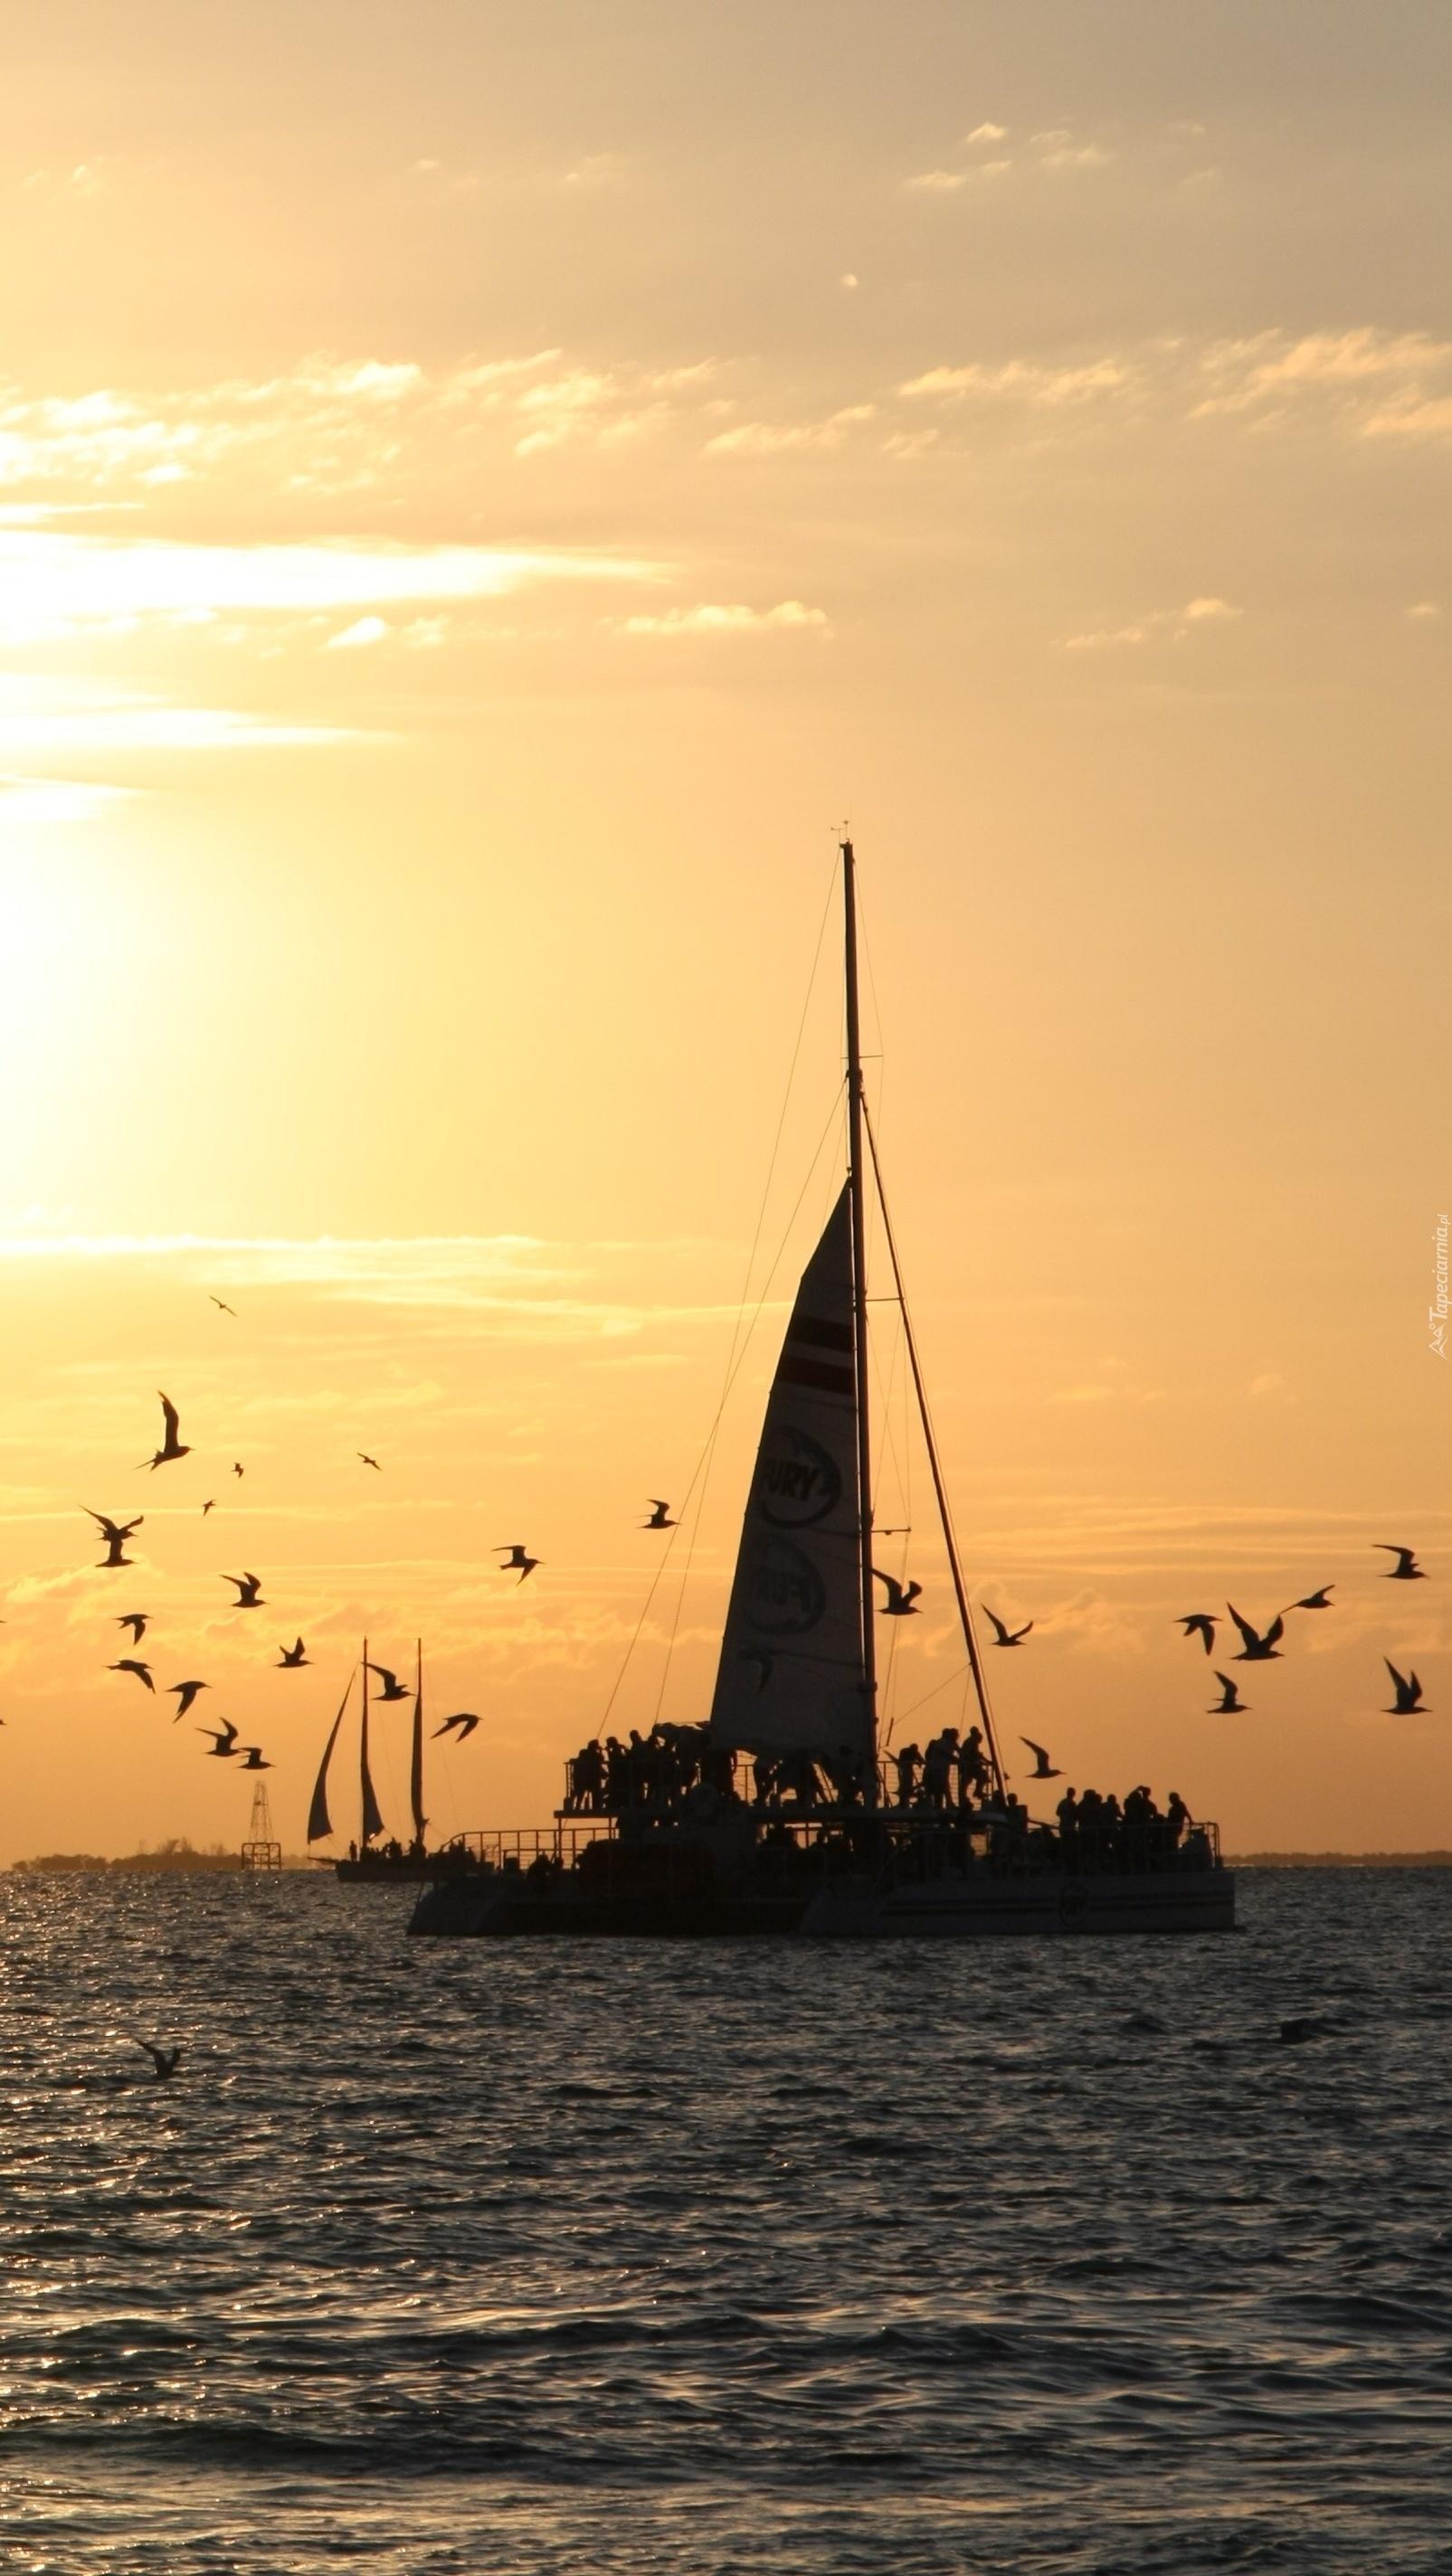 Ptaki wokół łodzi na morzu